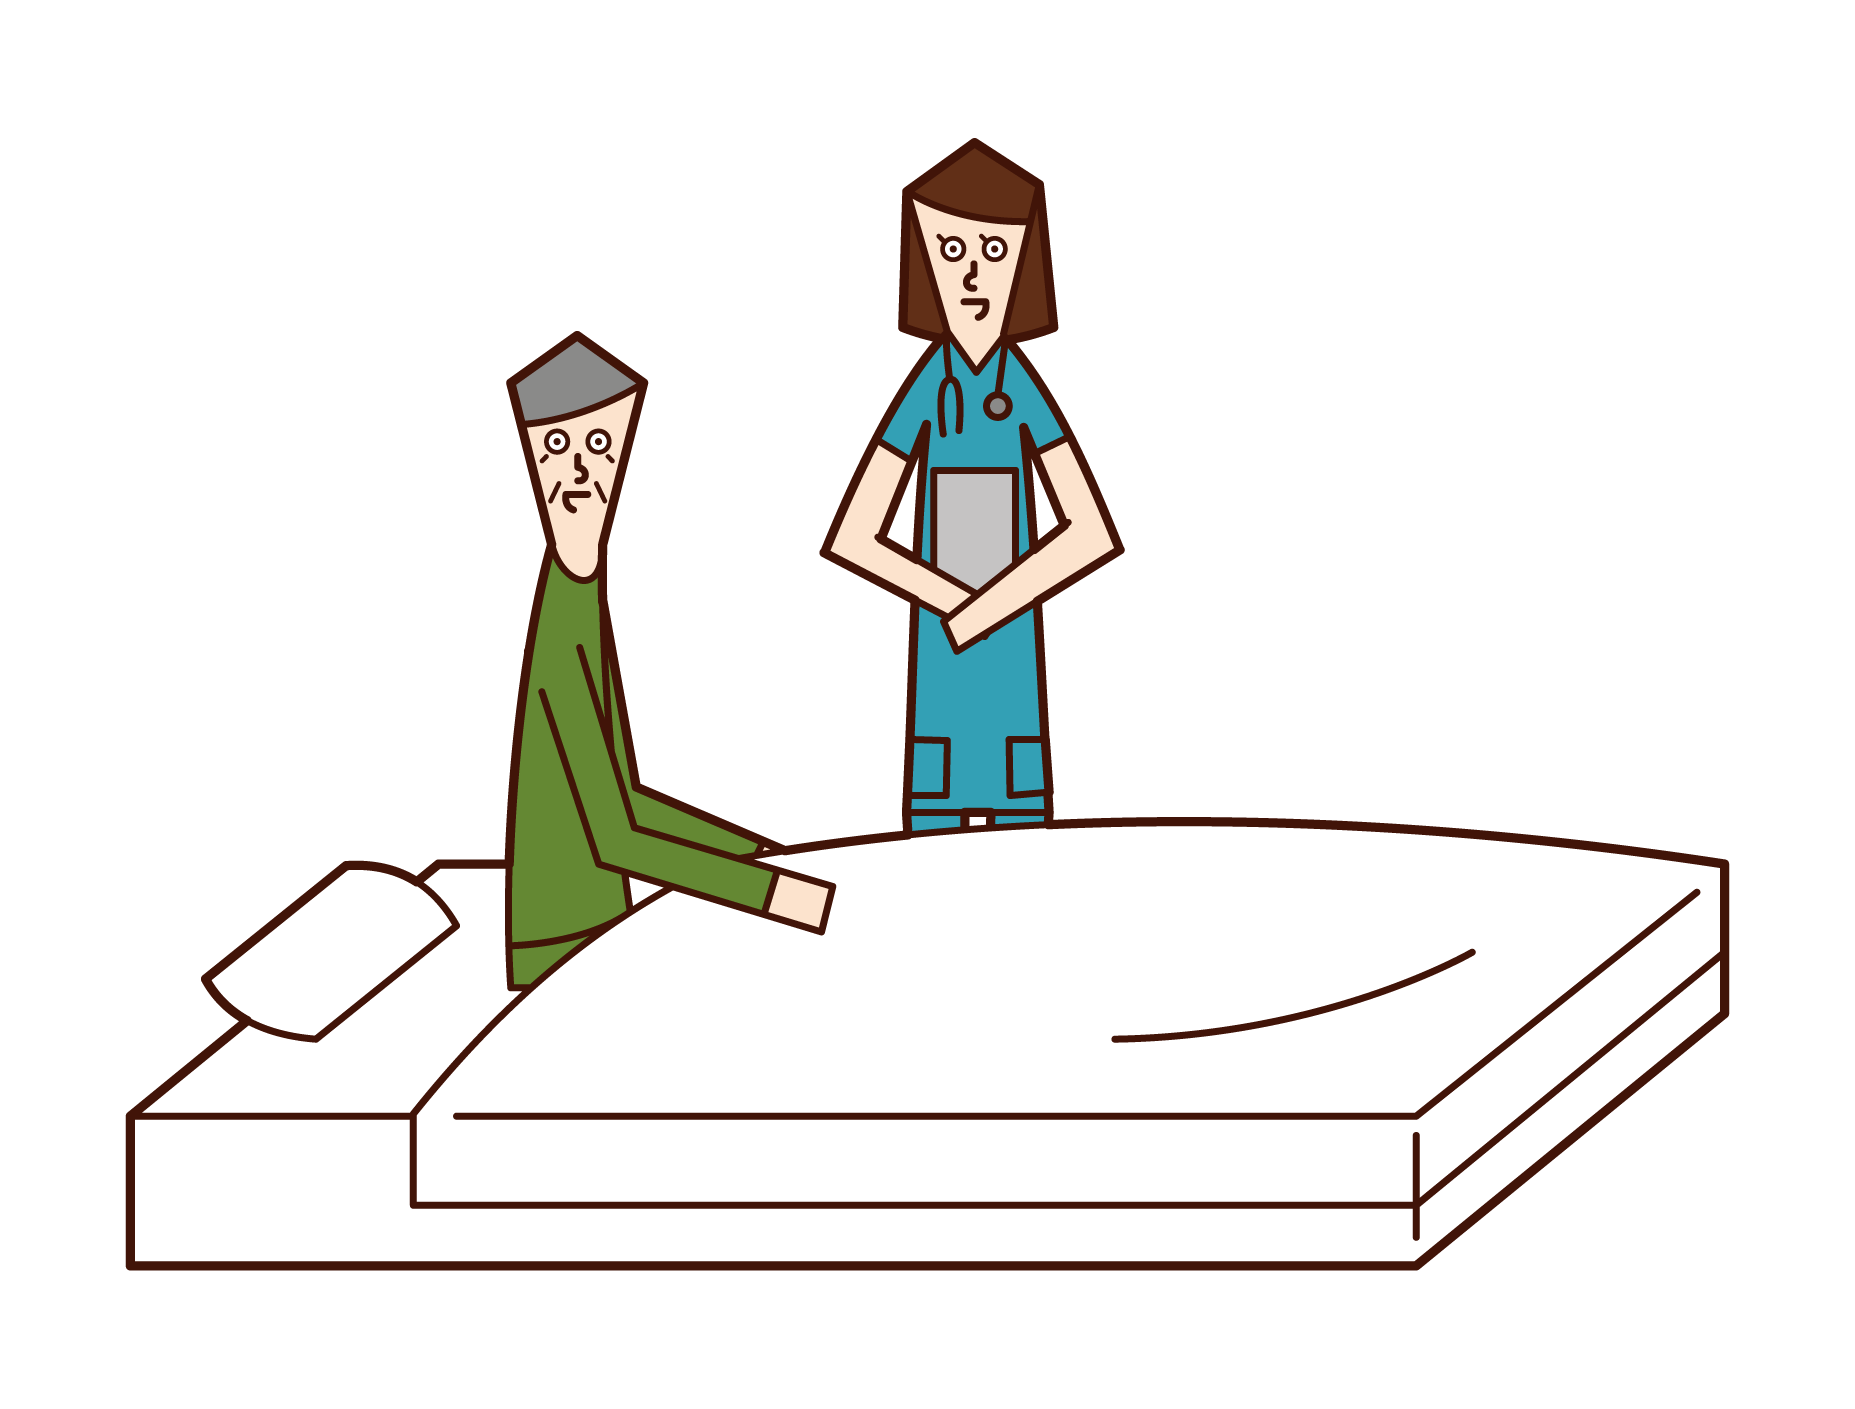 간호사와 대화하는 입원 노인 (남성)의 그림